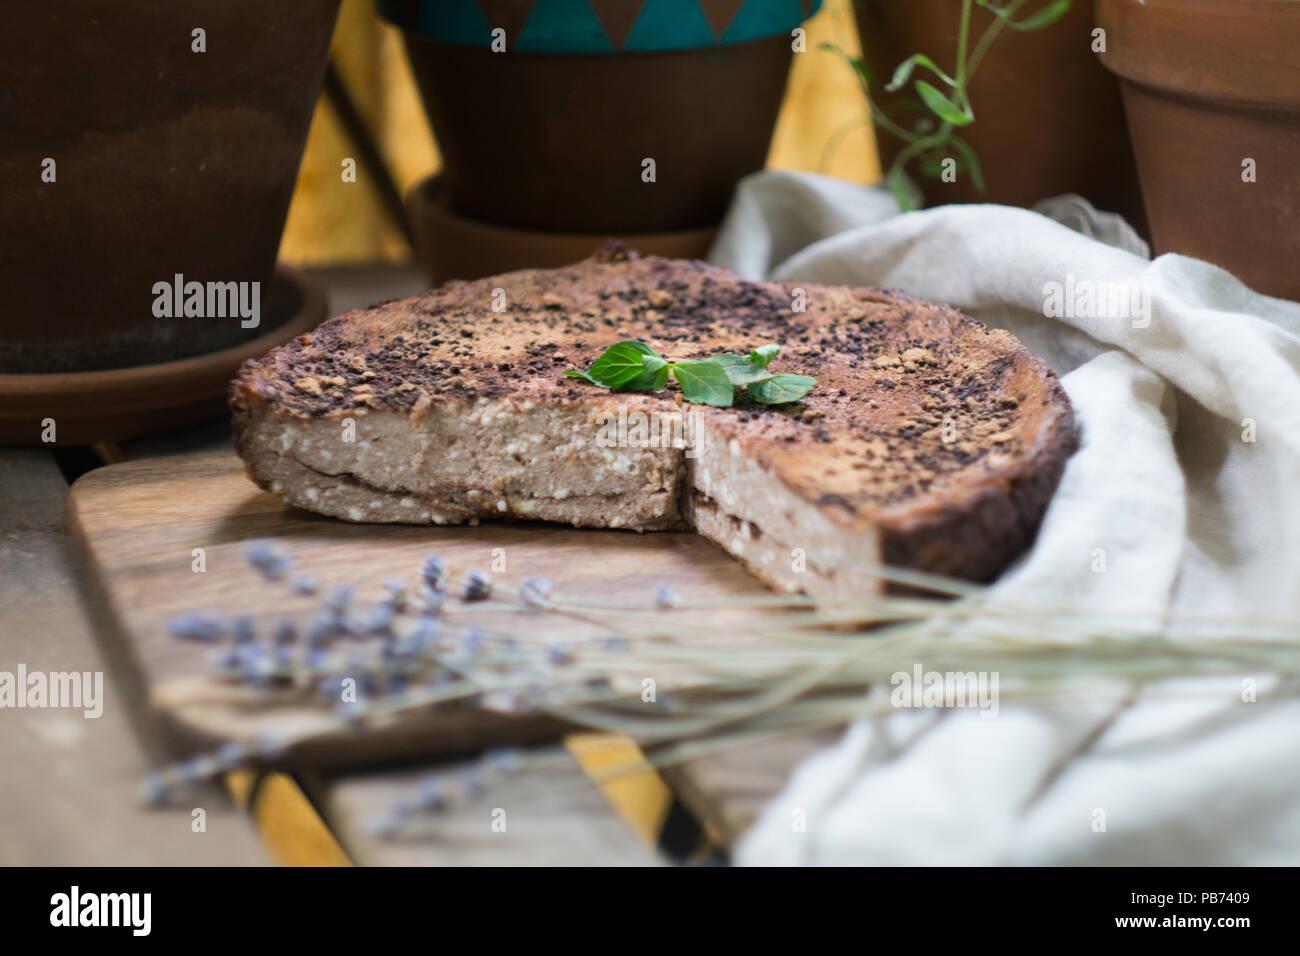 Maison douce (gâteau au fromage Tarte au fromage cottage, cocotte, zapekanka) vanille chocolat à la cannelle sur une planche à découper. Close-up Photo Stock